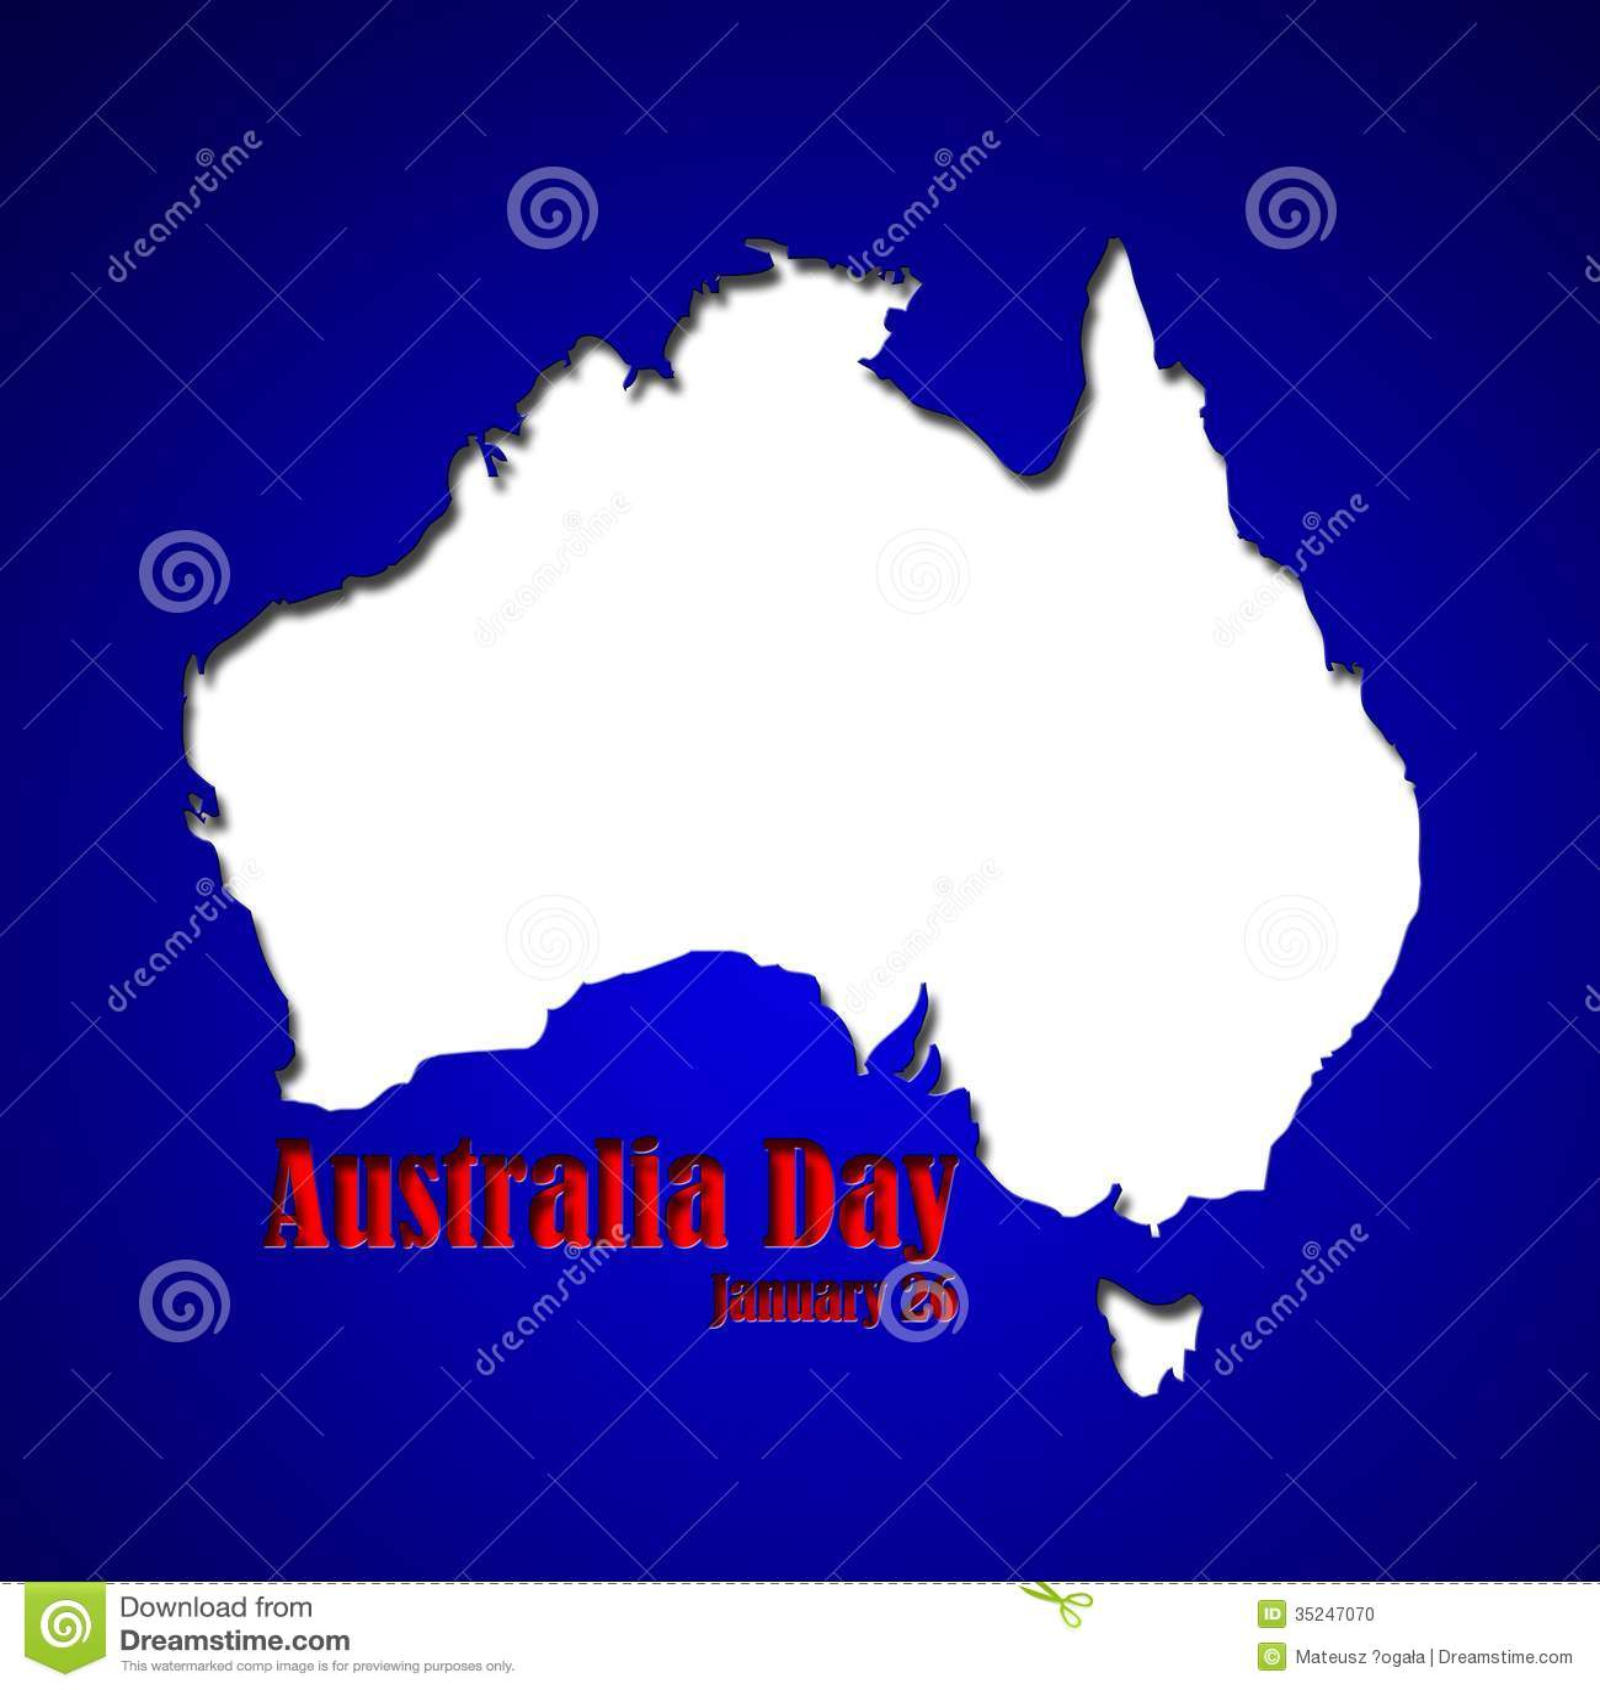 Happy australia day - 5 4